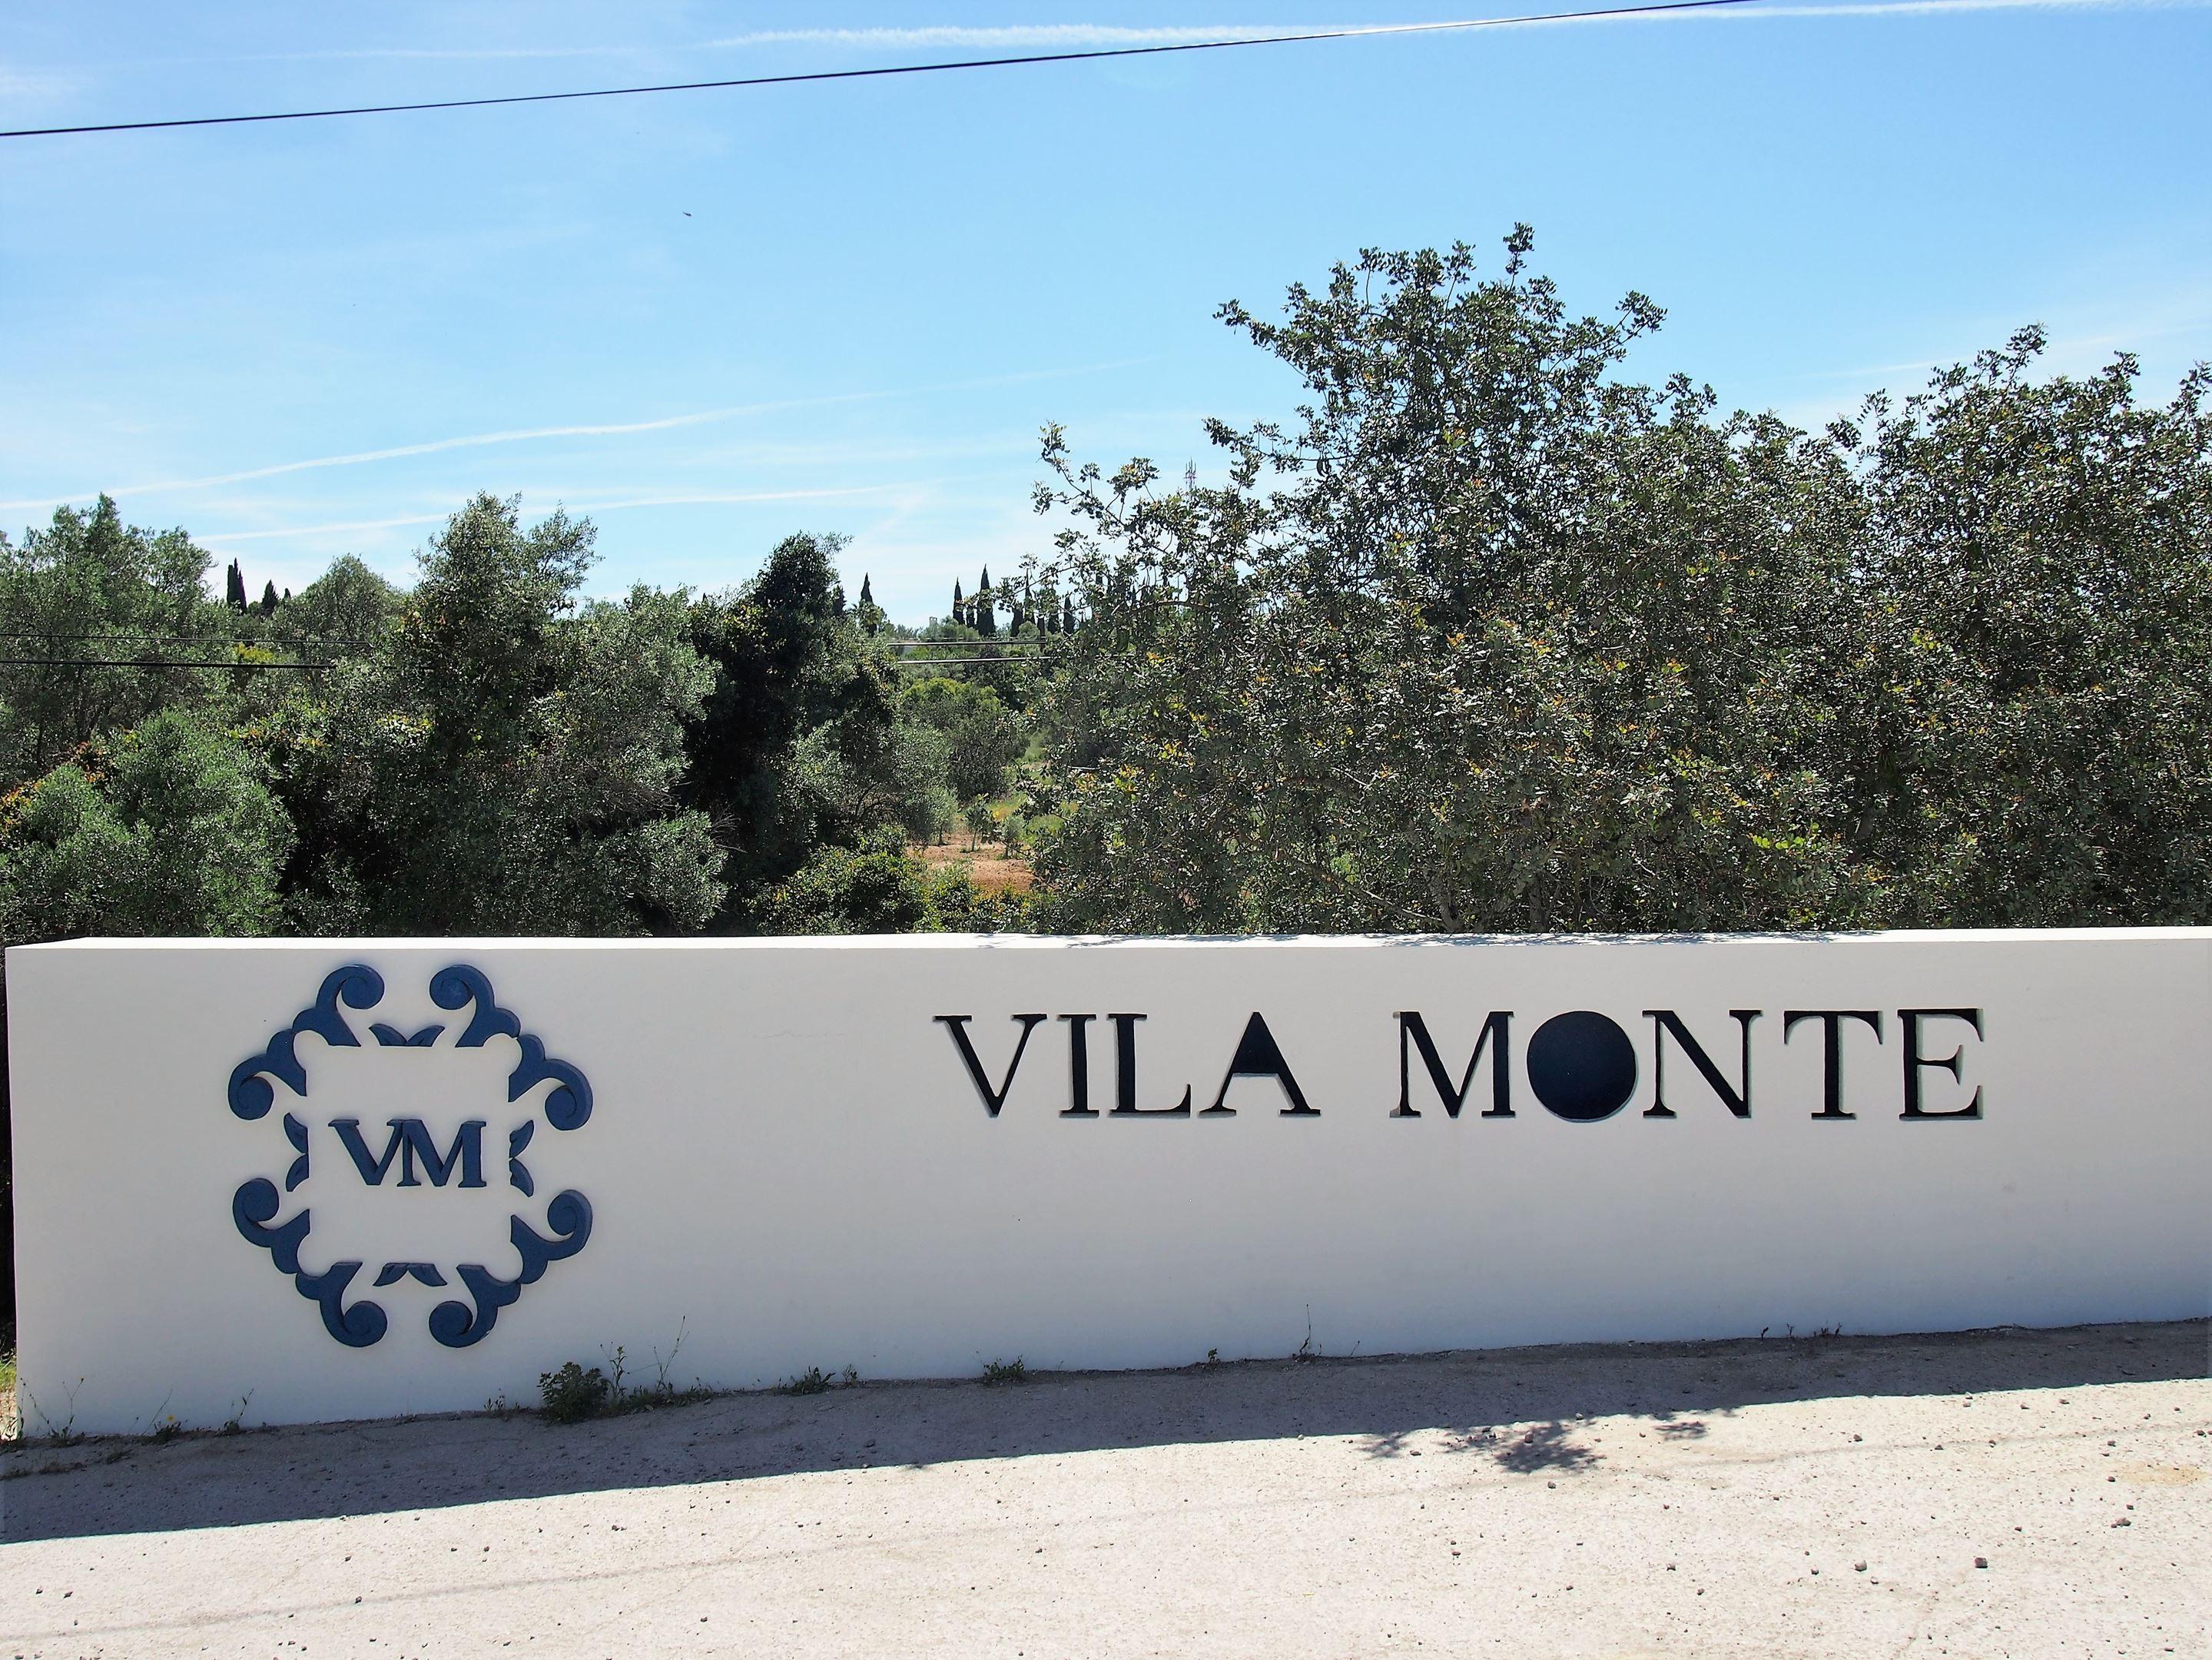 Entrada de Vila Monte, cerca de Olhão